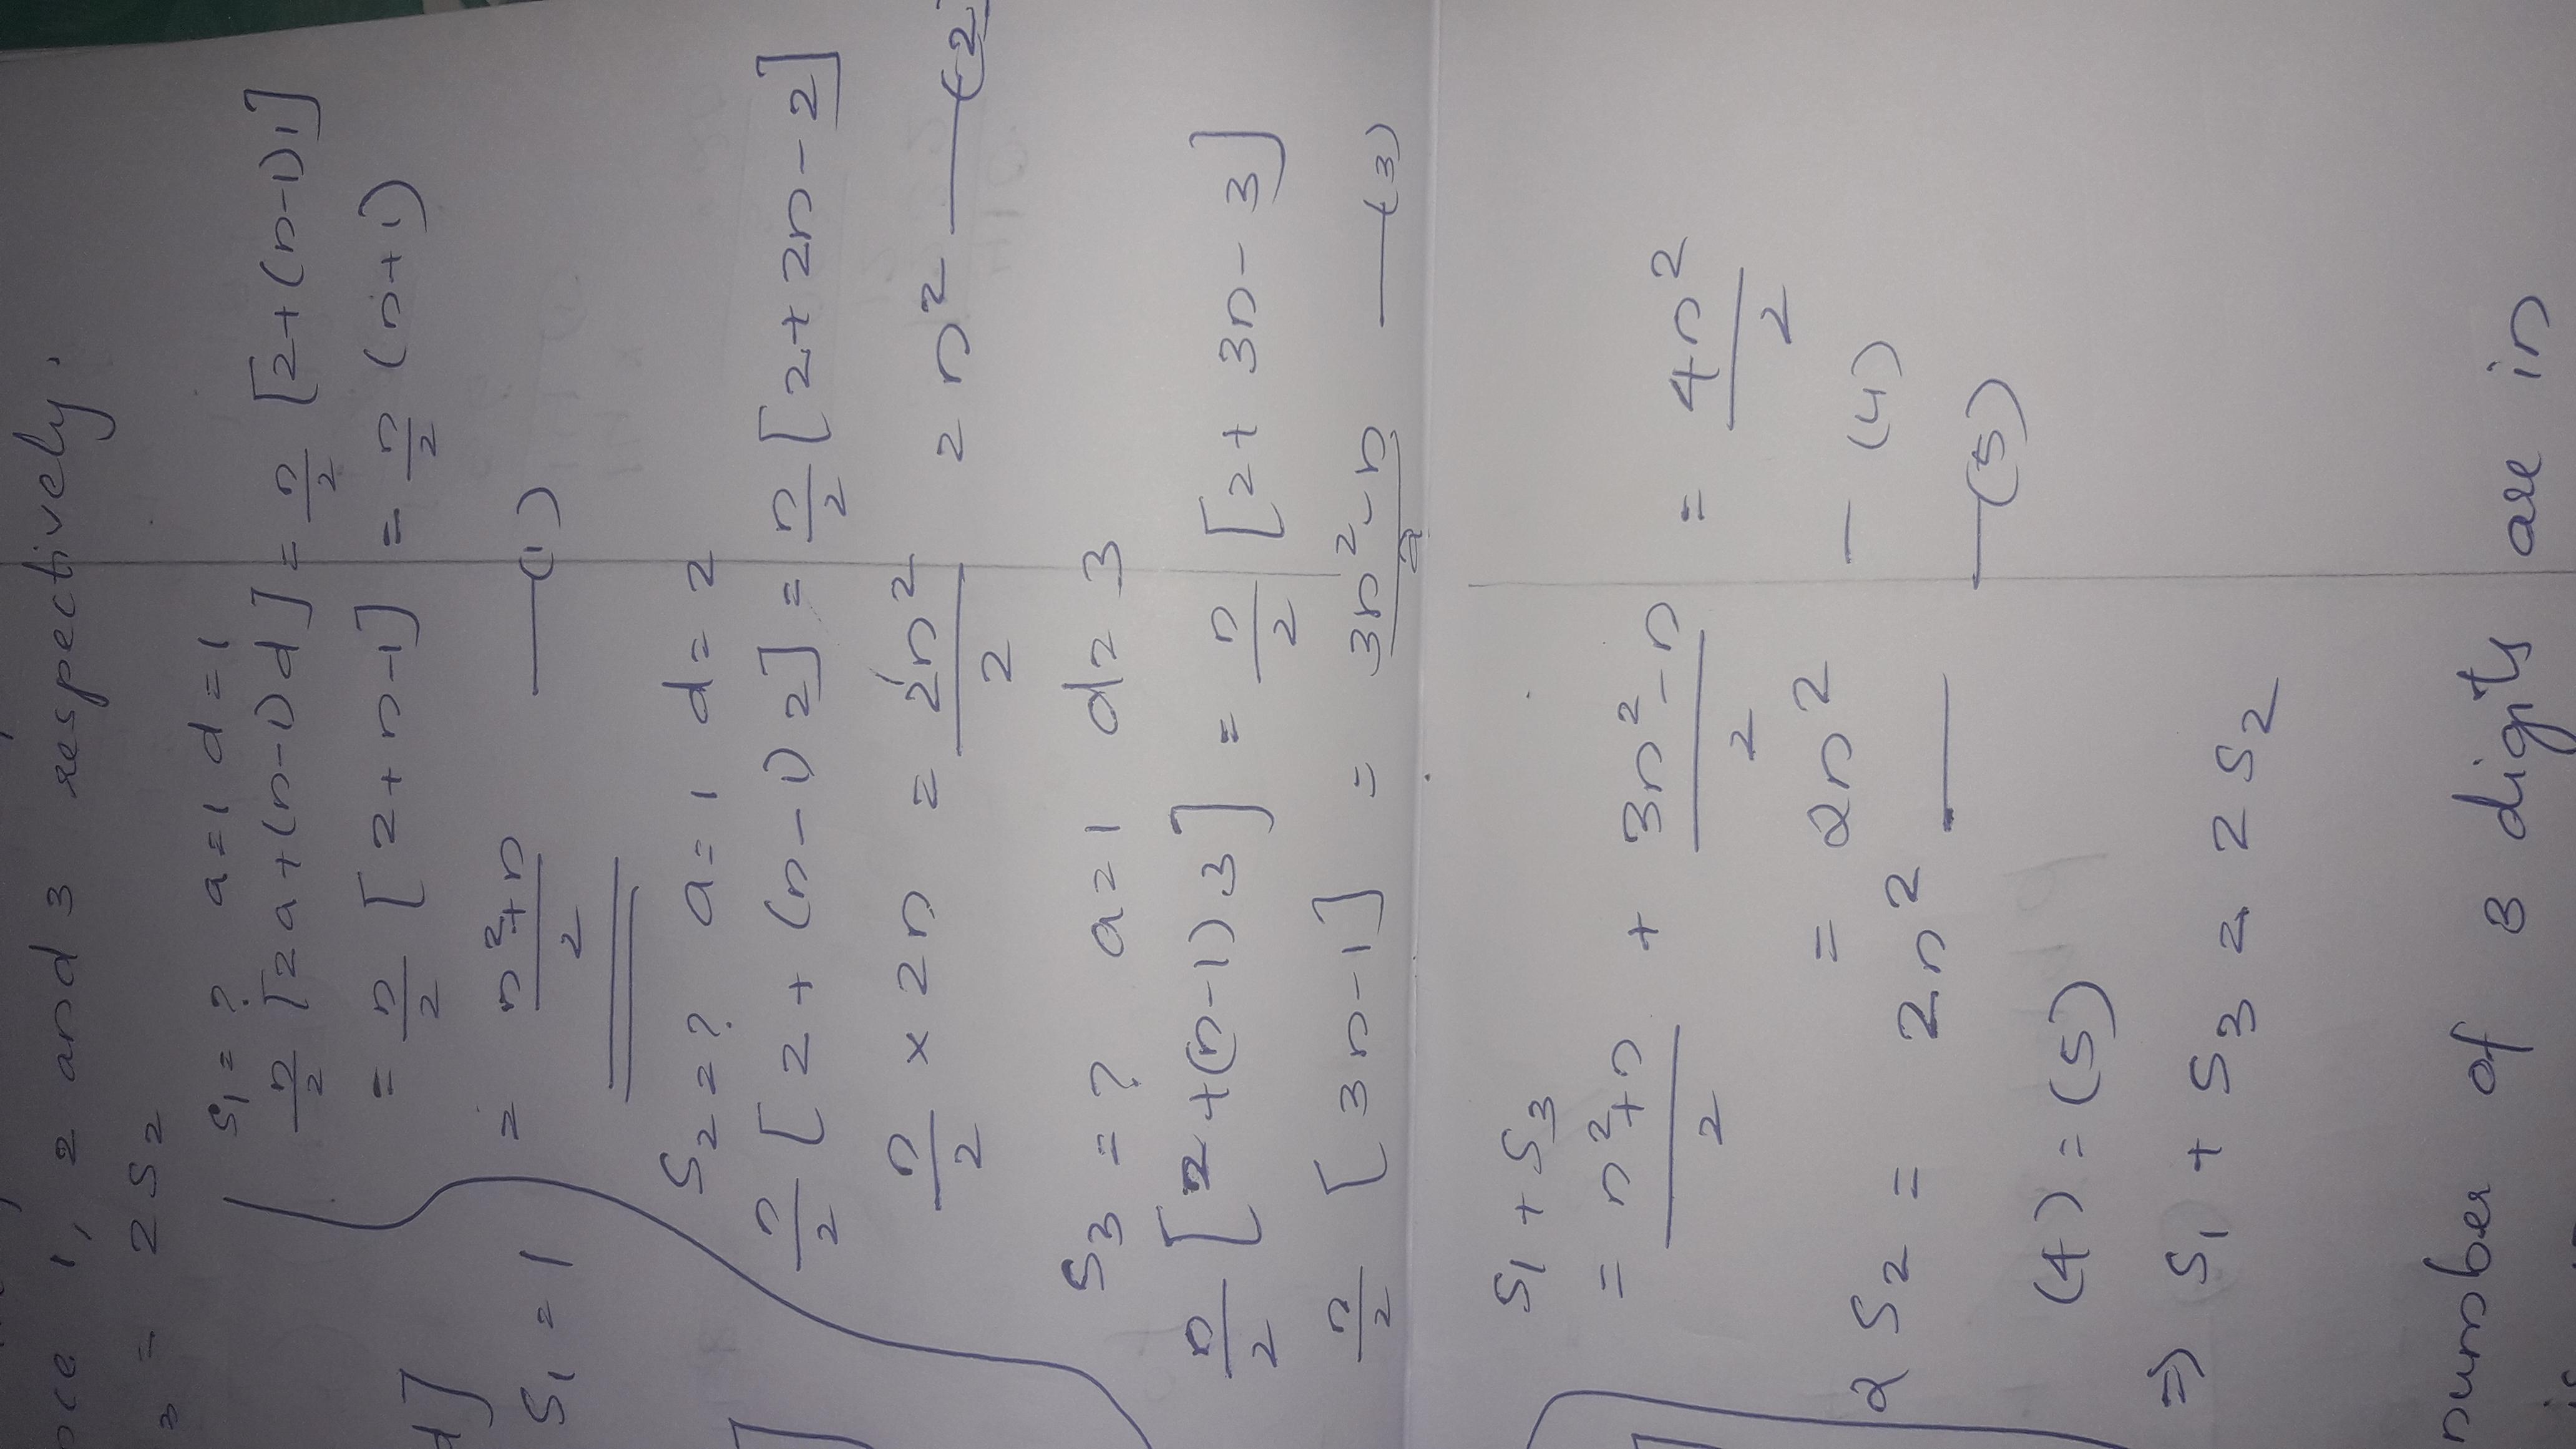 If S1 , S2 , S3 are the sum of n terms of three AP's, the first term